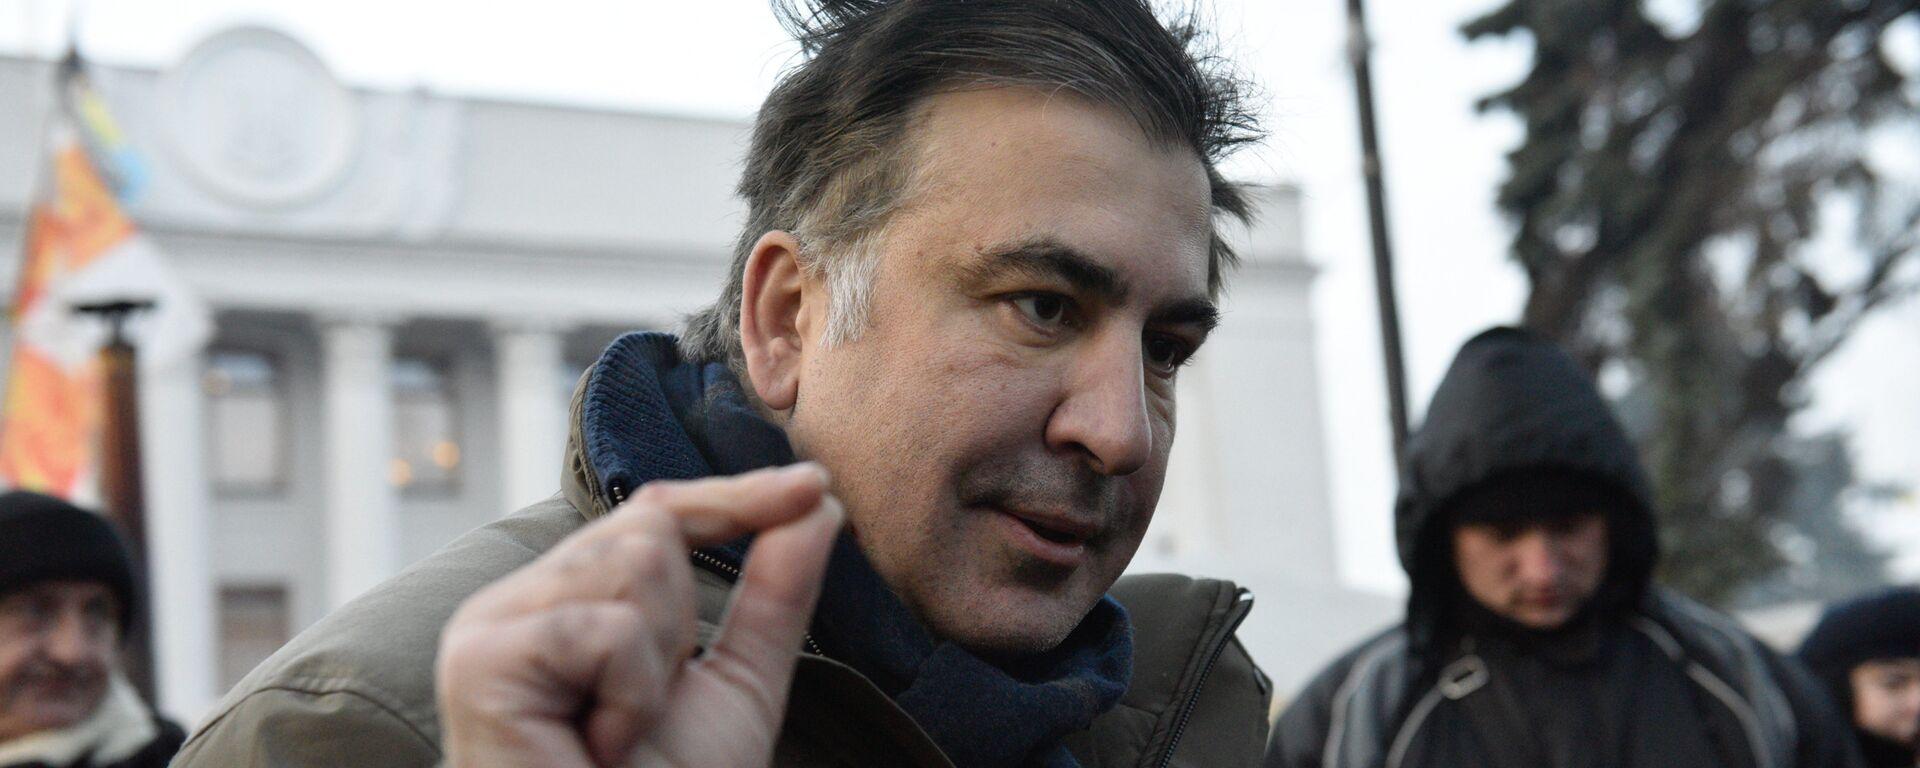 Бывший губернатор Одесской области Михаил Саакашвили отвечает на вопросы журналистов - Sputnik Узбекистан, 1920, 01.10.2021